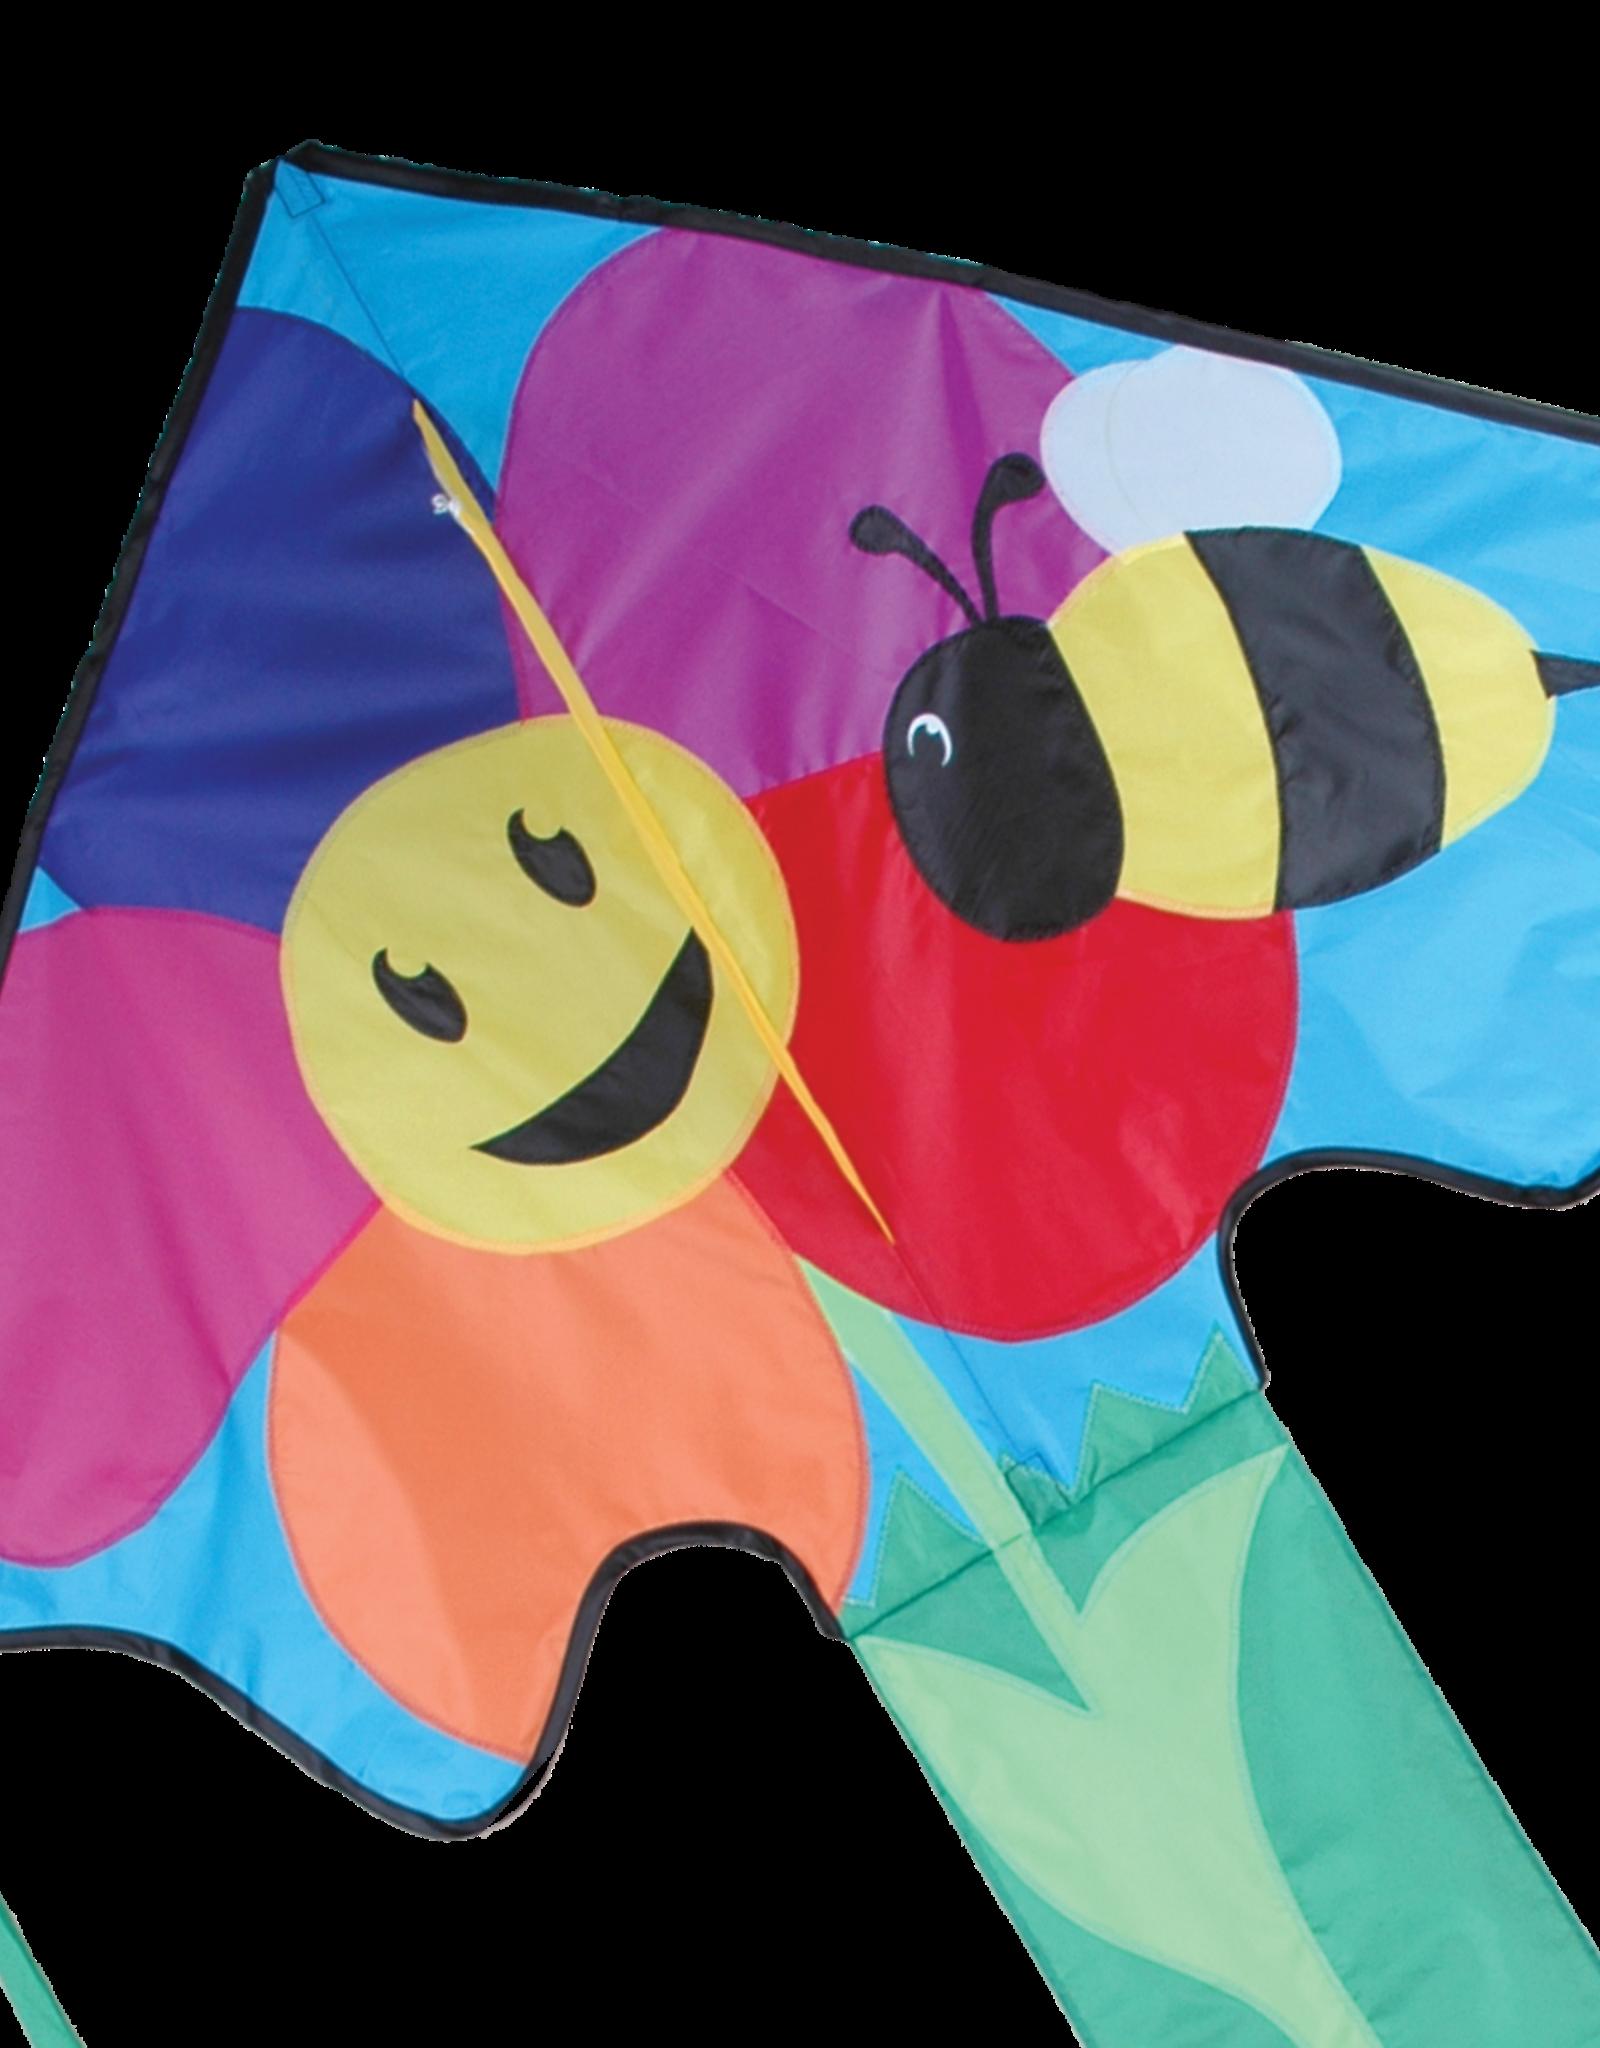 Premier Kites Large Easy Flyer Kite - Bee & Flower